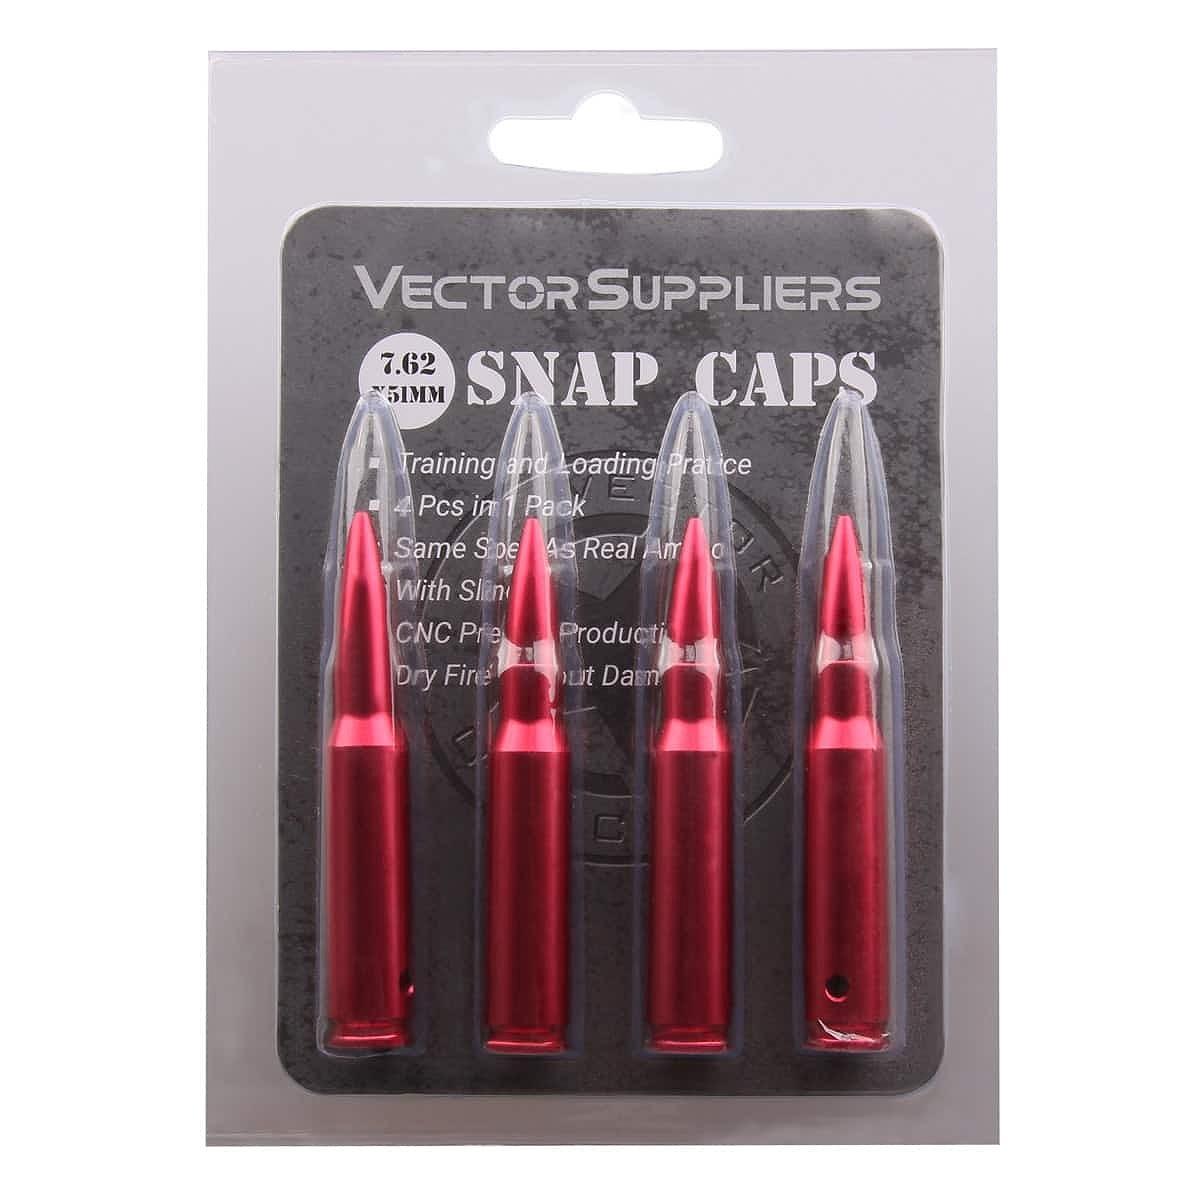 【お届け予定日: 6月30日】ベクターオプティクス ライフルスコープ 7.62x51mm  Vector Optics SCSC-05